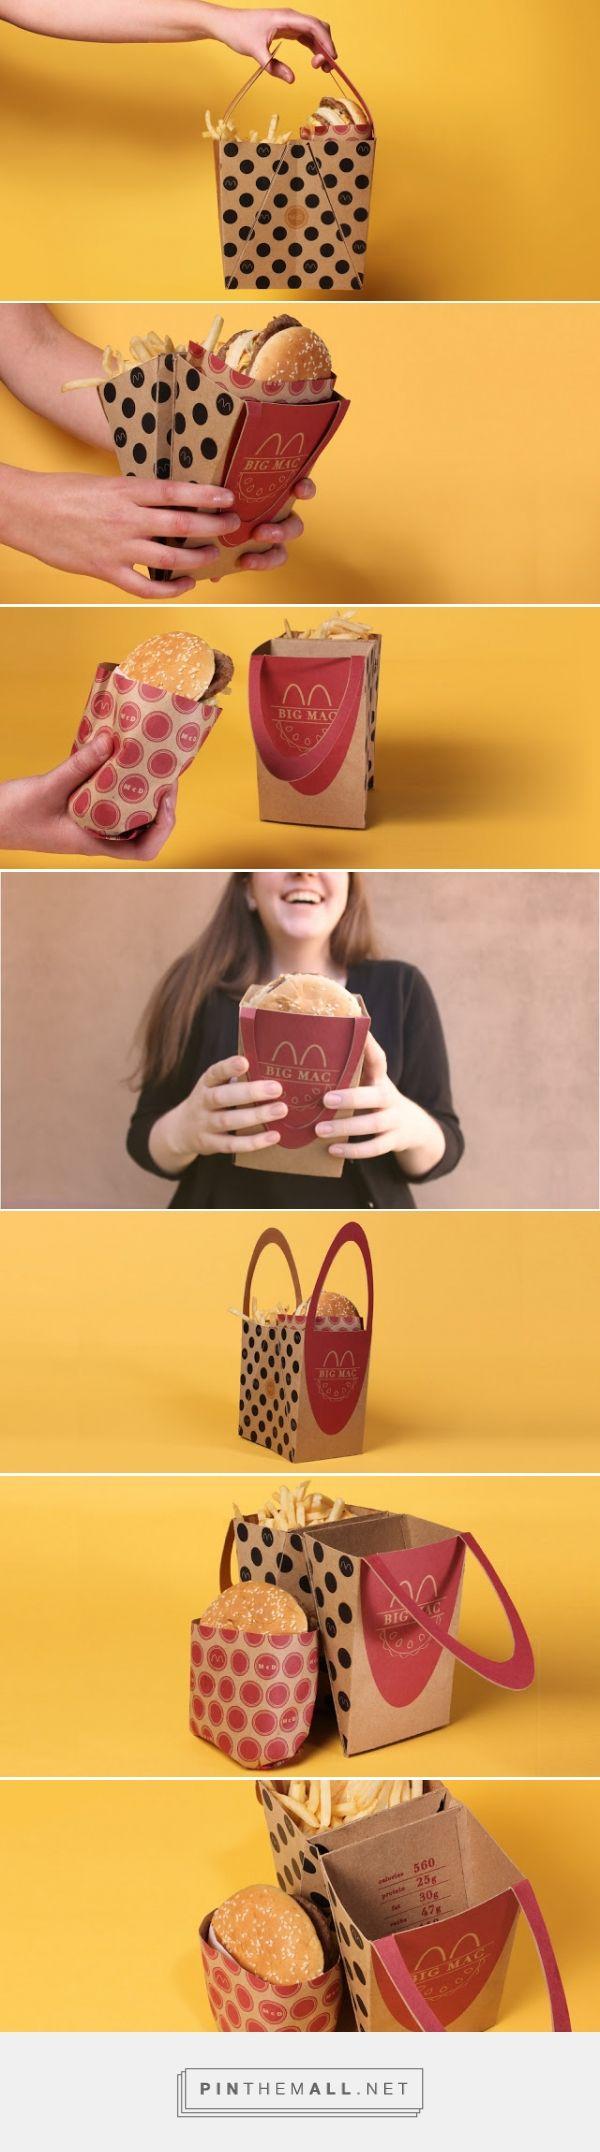 McDonald's Big Mac (Student Project)